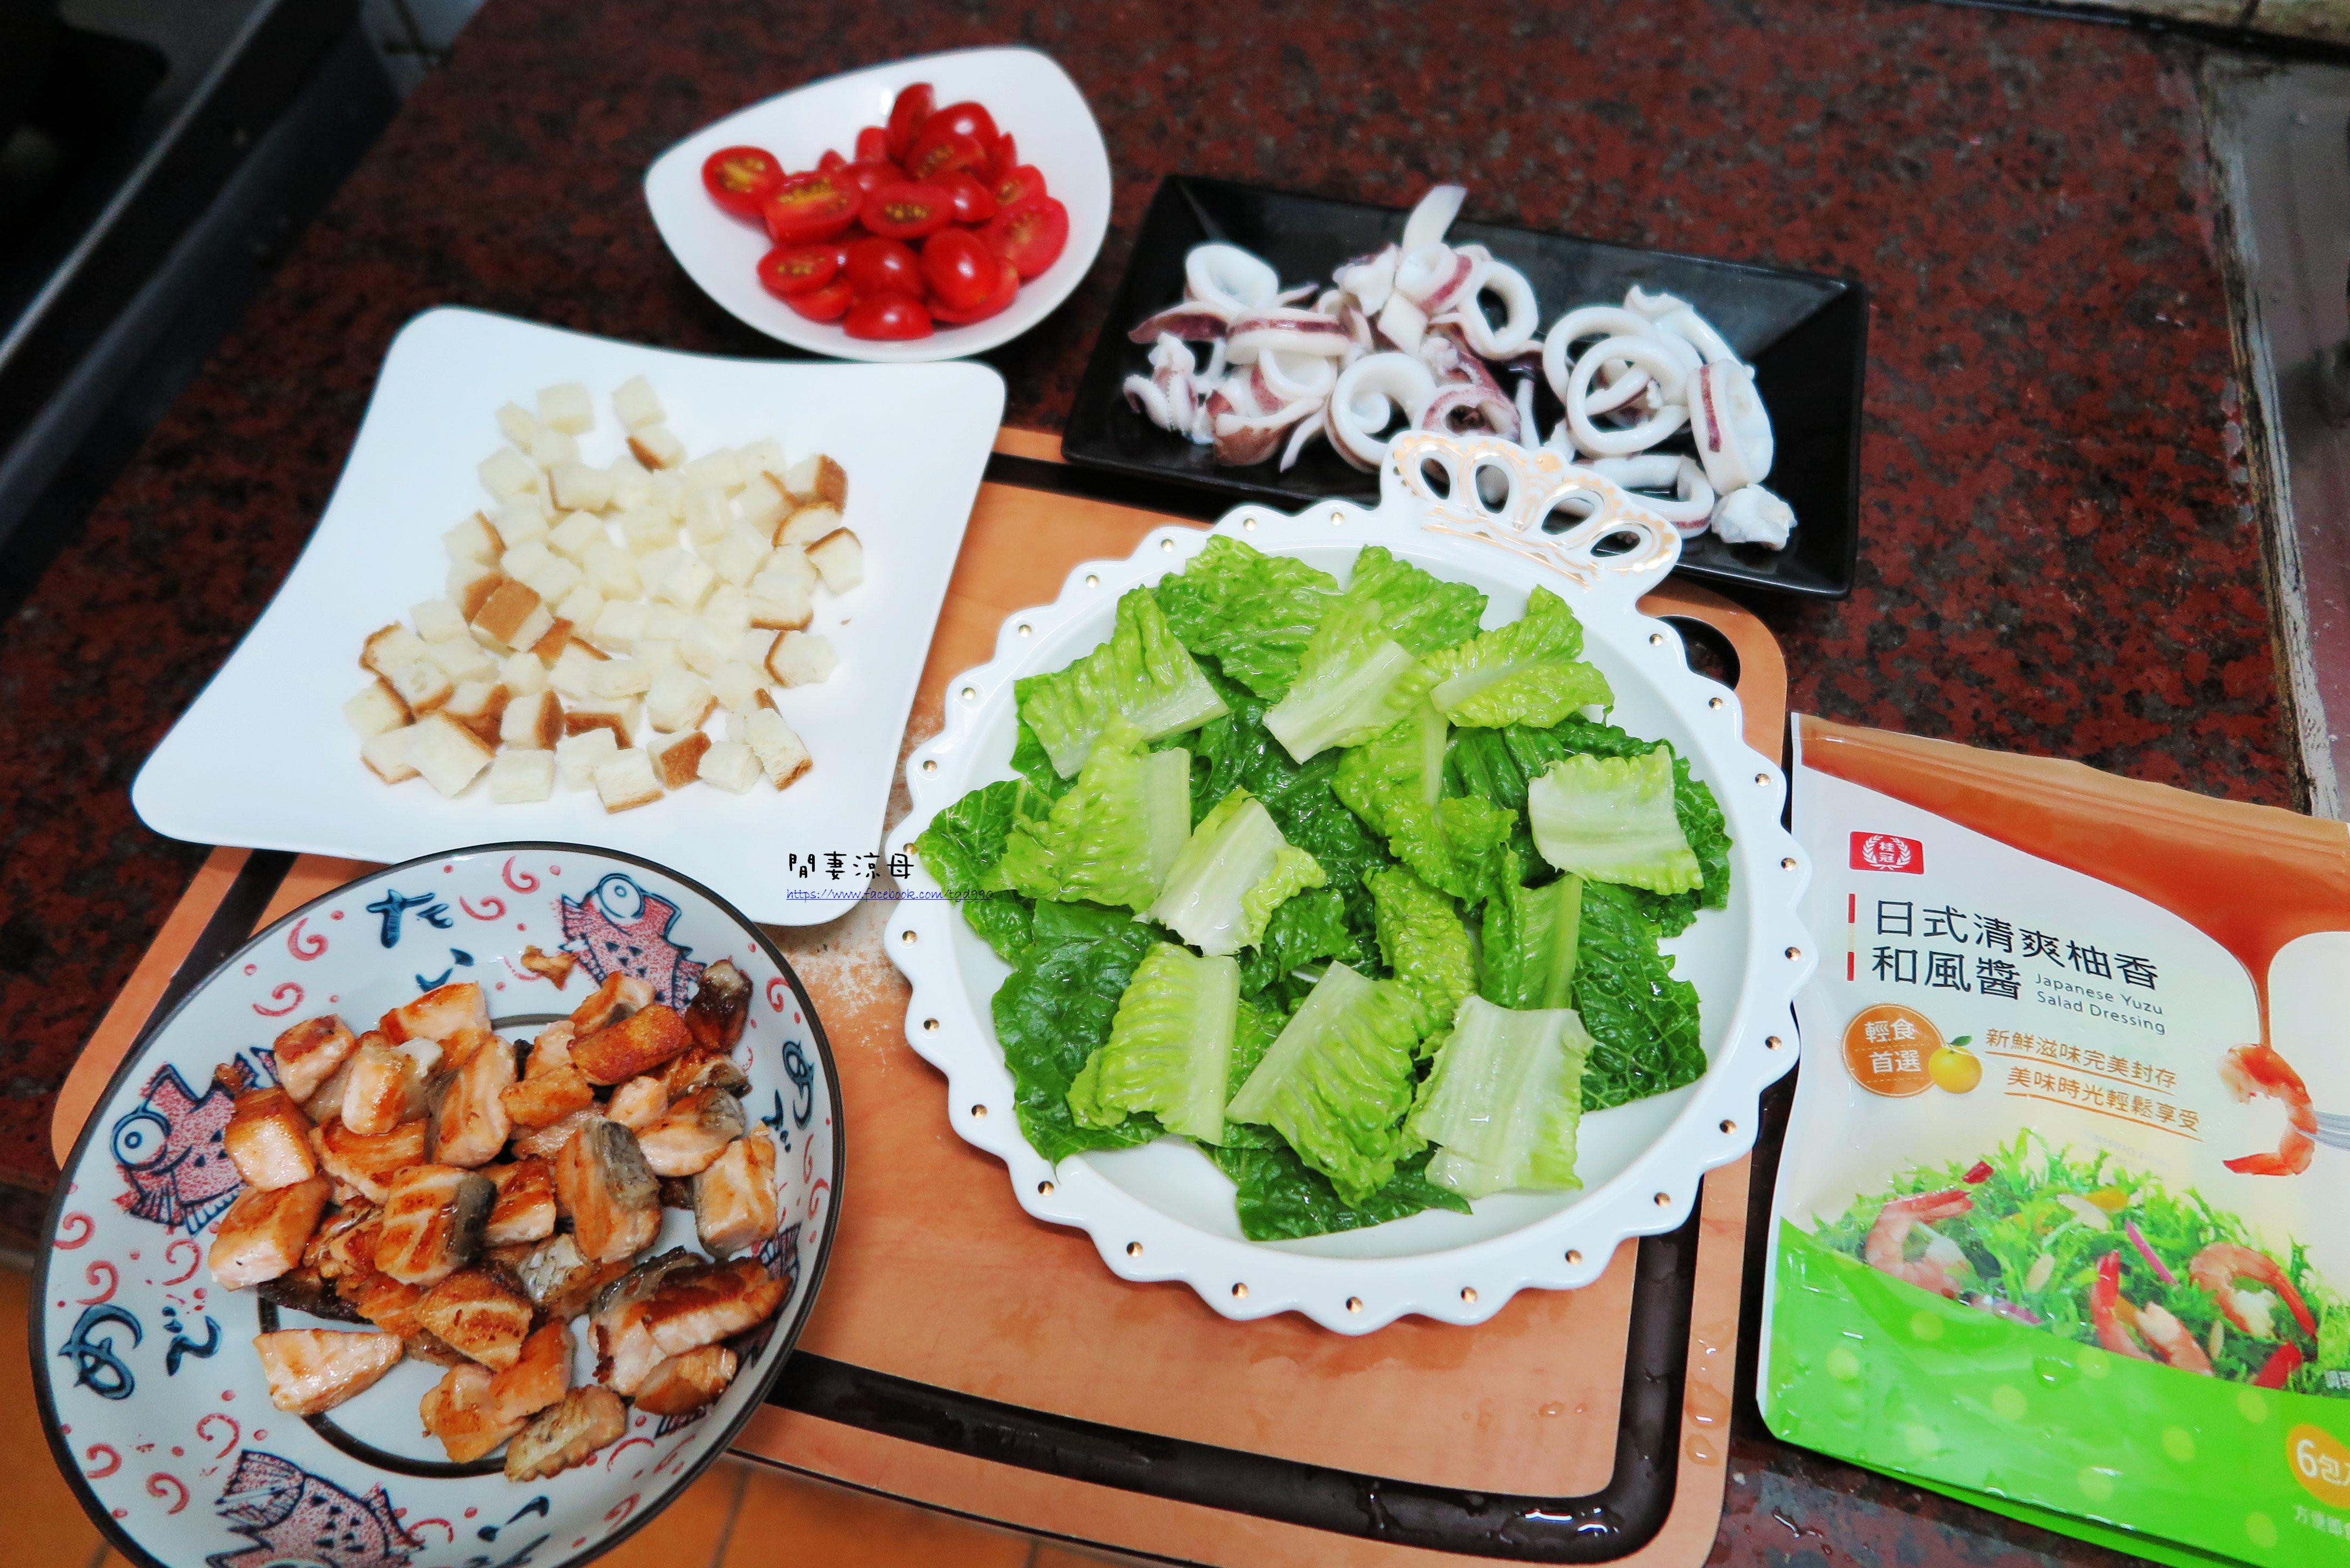 家庭必備之炎夏涼爽就醬拌-桂冠風味沙拉的第 15 張圖片